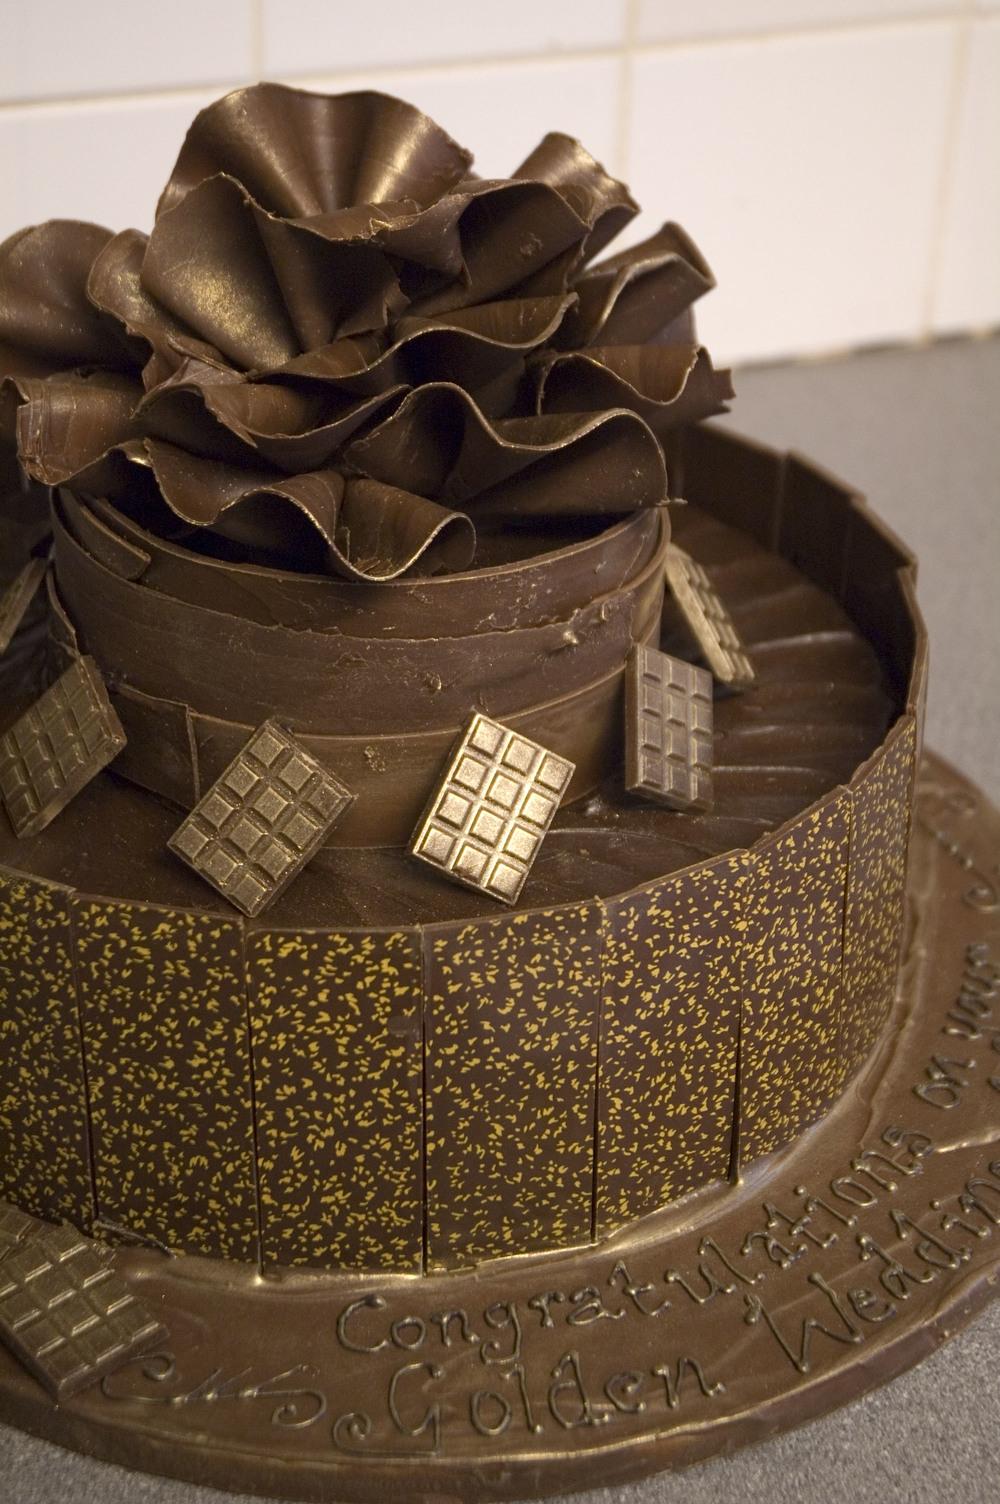 shebakes_golden wedding anniversary chocolate cake01.jpg